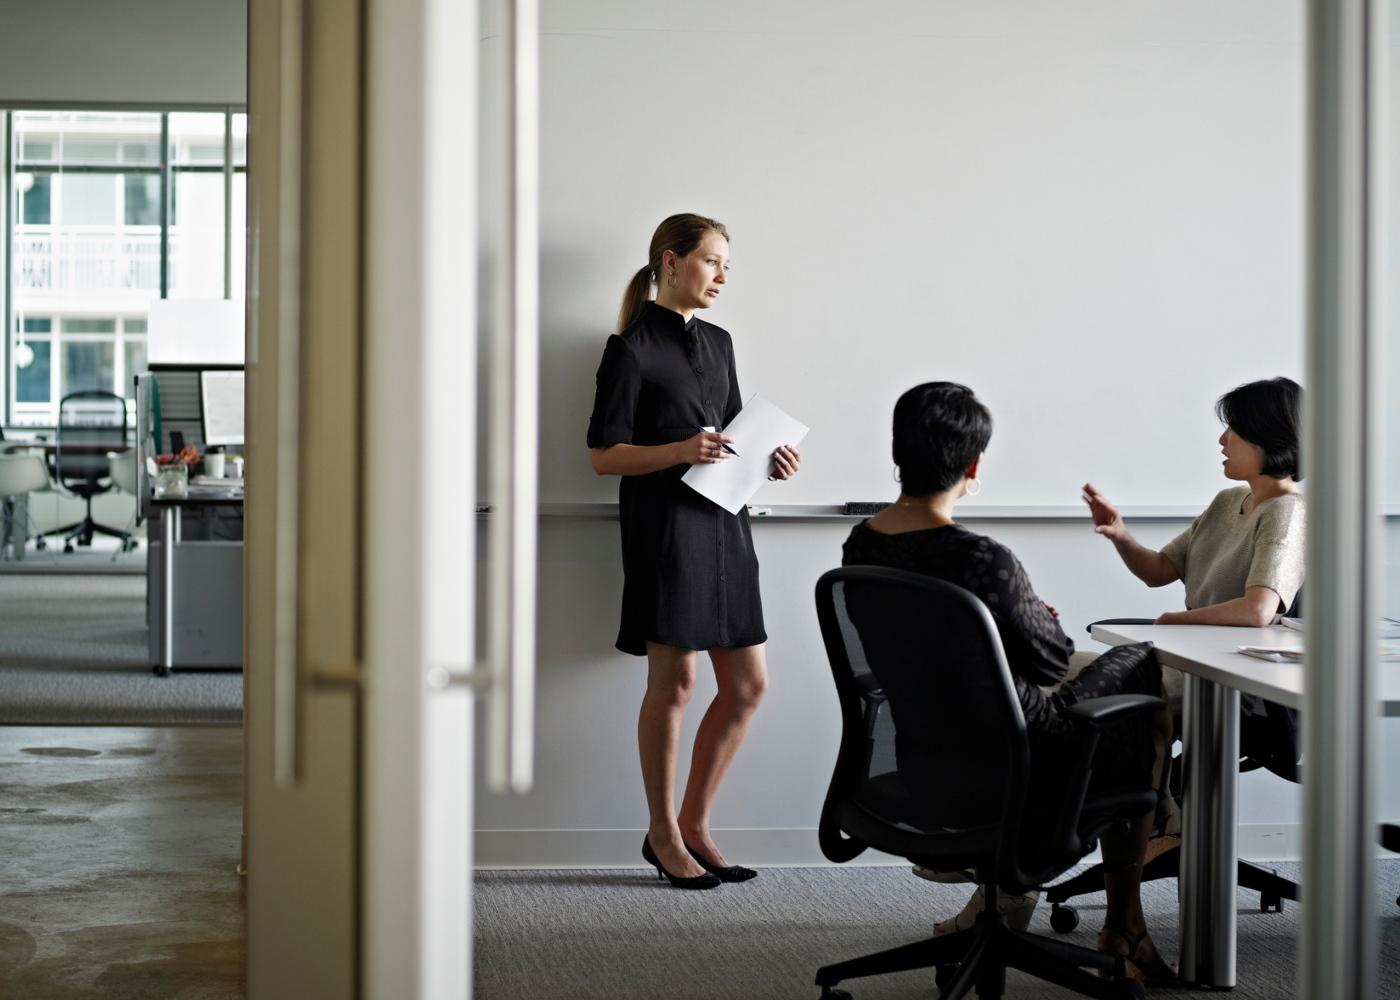 Ansiedade social: mulher a ser avaliada pelos seus pares